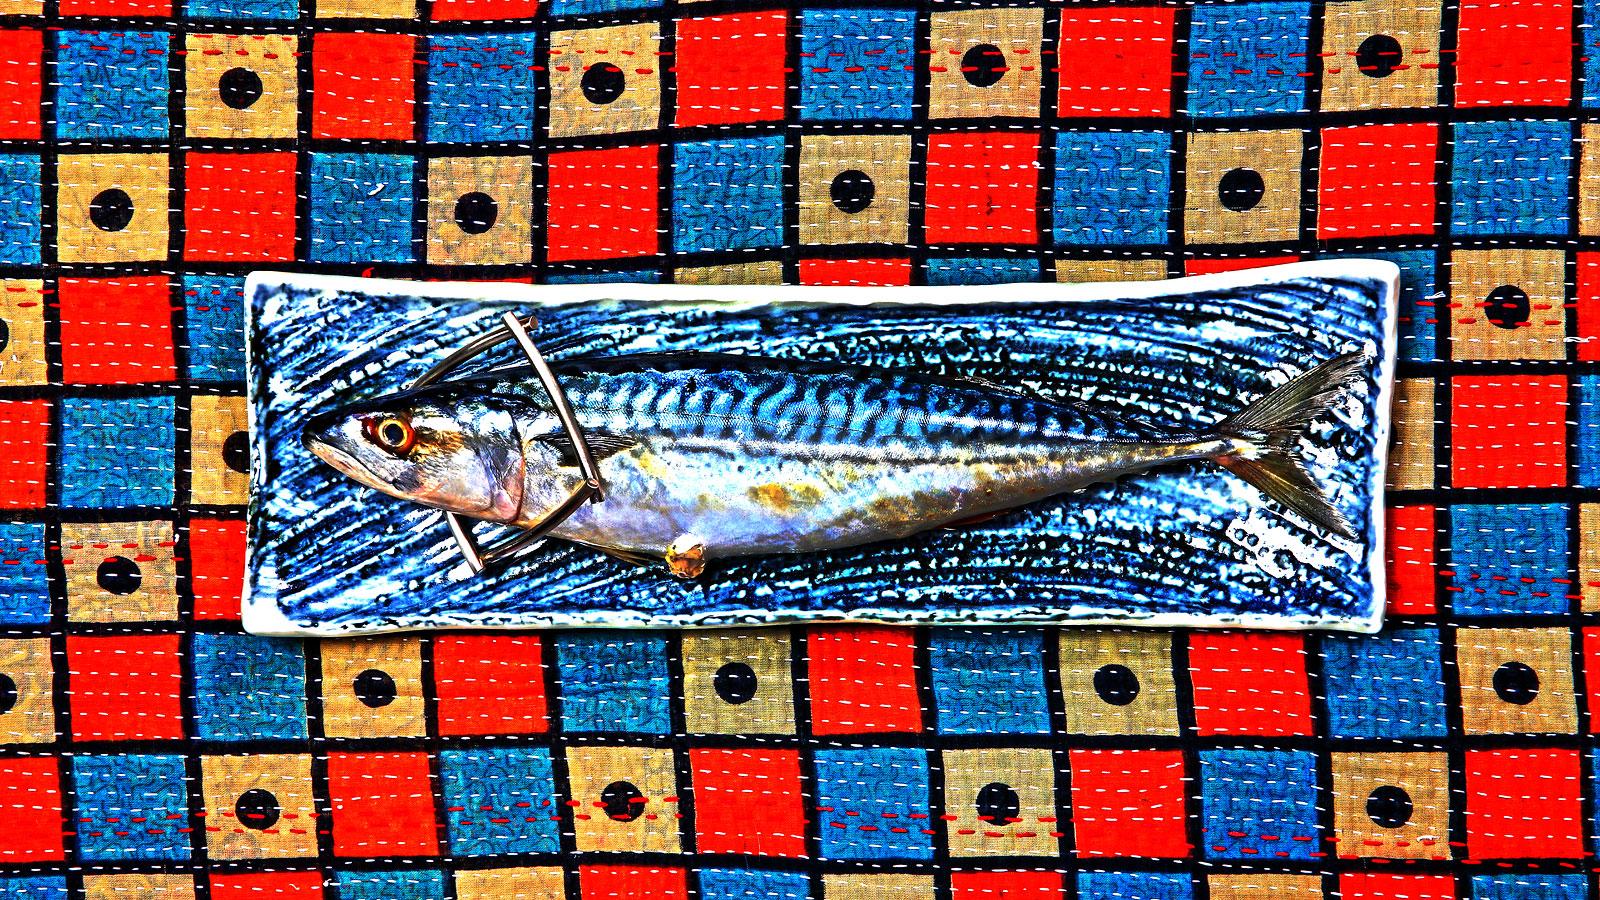 Foto van vis op gekleurd bord met sieraad